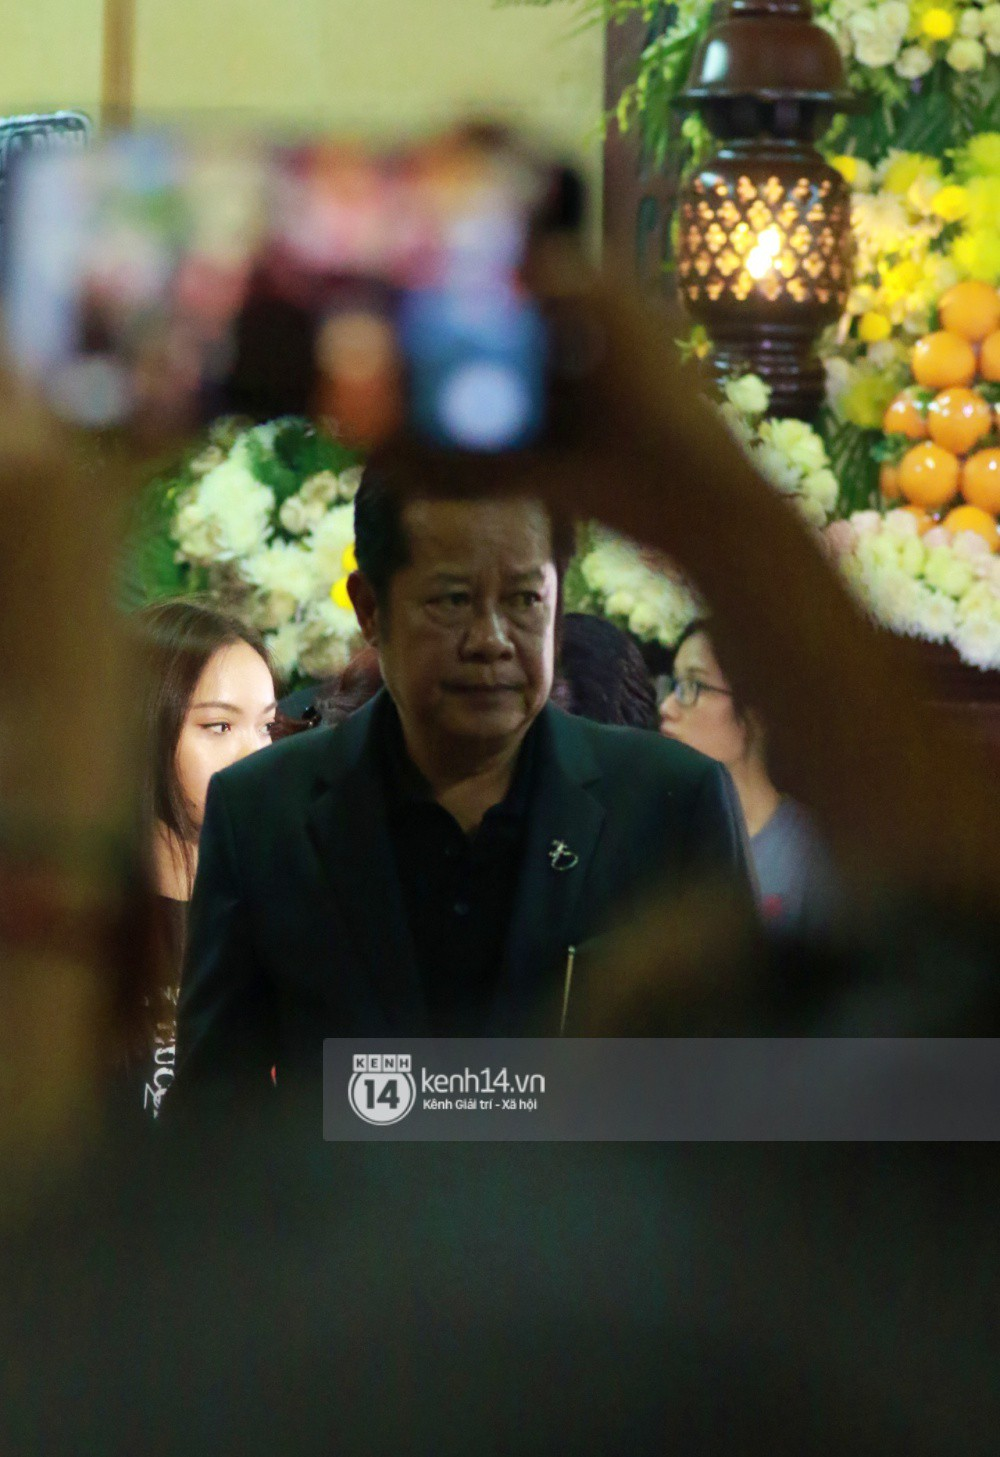 Đêm cuối cùng đám tang cố diễn viên Anh Vũ: Nghệ sĩ lặng người, không giấu được xúc động trước linh cữu-3